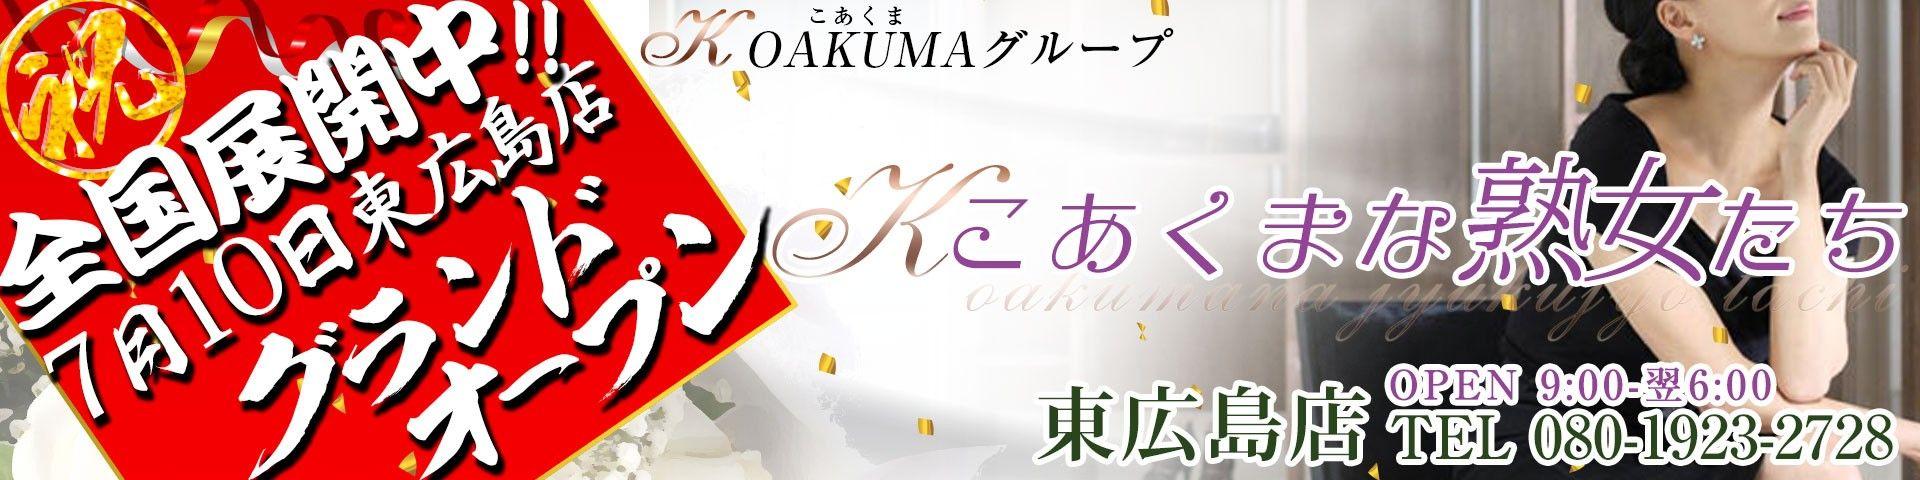 東広島・竹原・呉  人妻デリヘル こあくまな熟女たち 東広島店(KOAKUMAグループ)